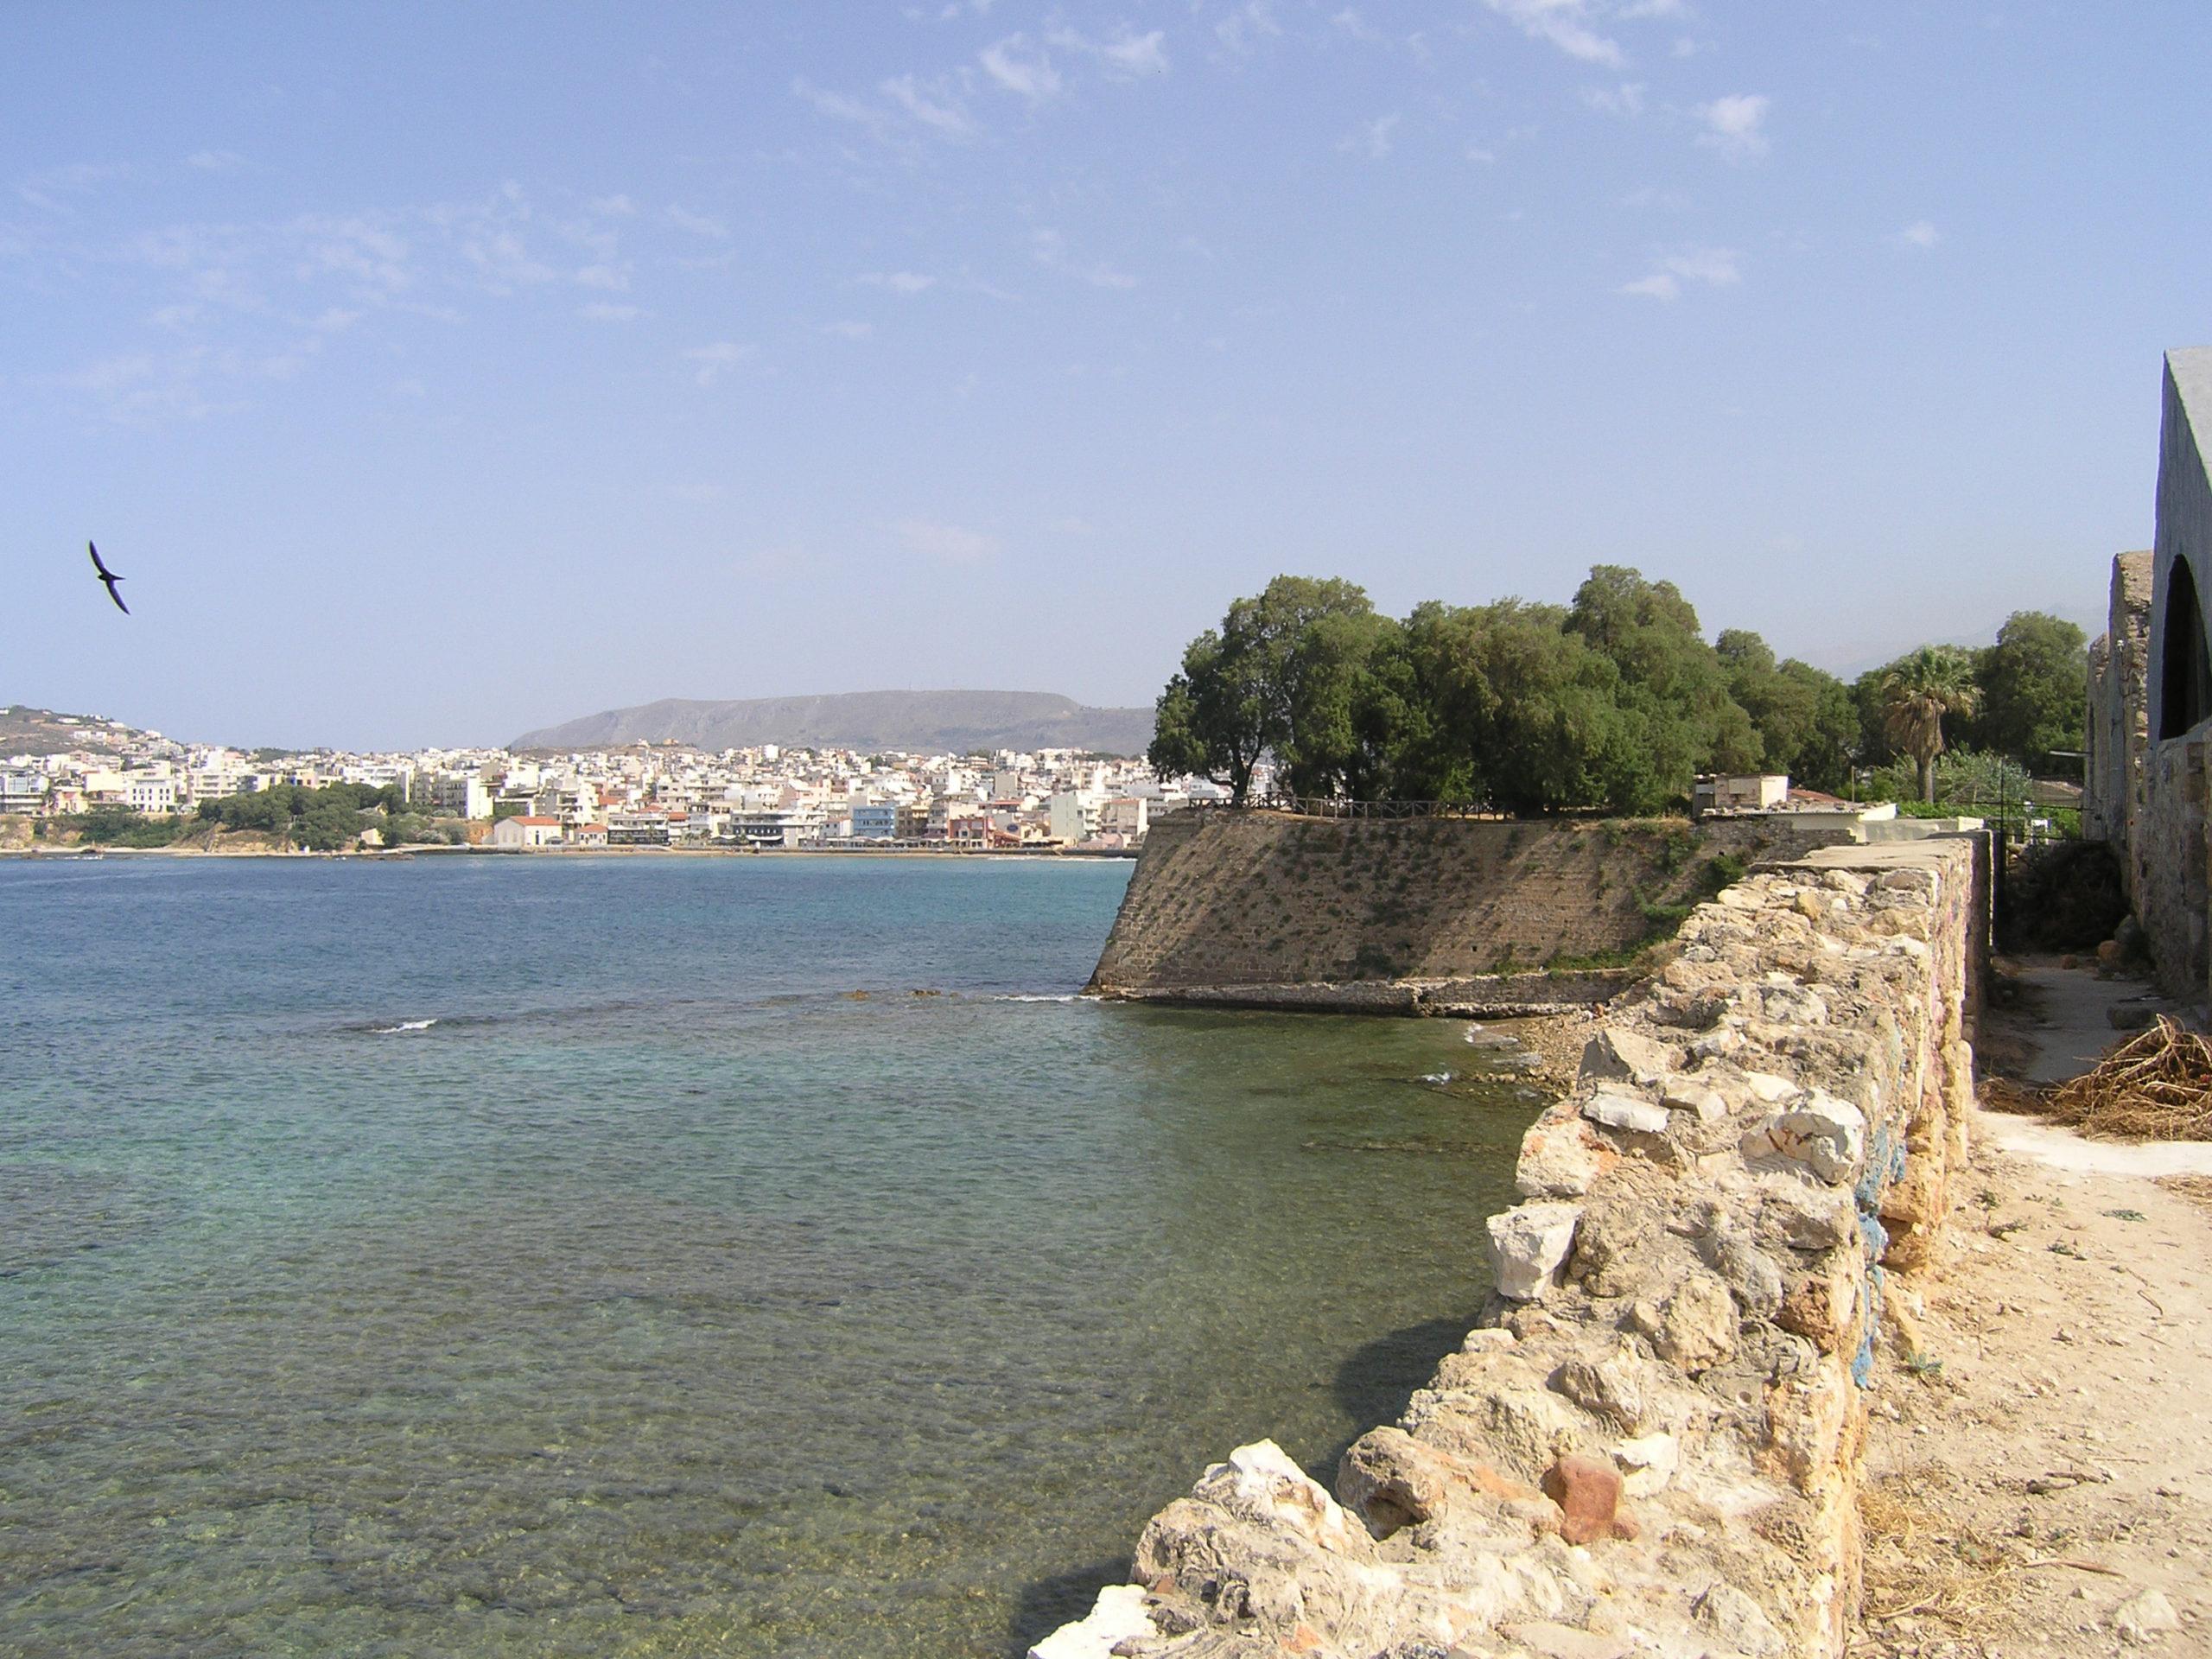 Kamienny brzeg i widok na miasto